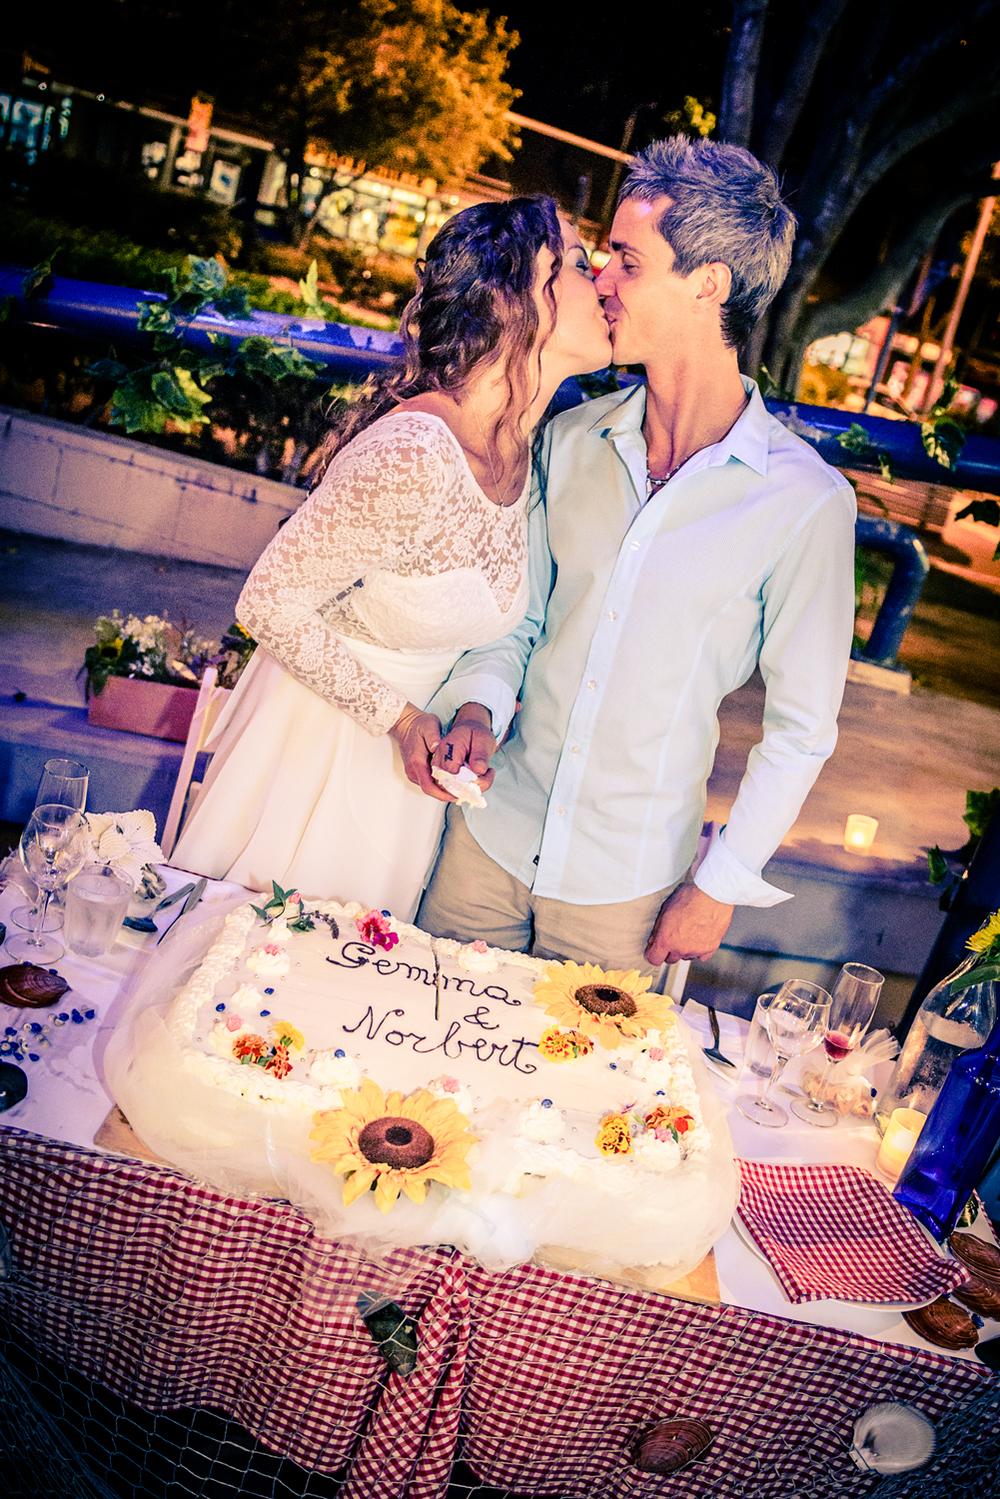 Gemma-&-Norbert-Cake-Cut-1.jpg